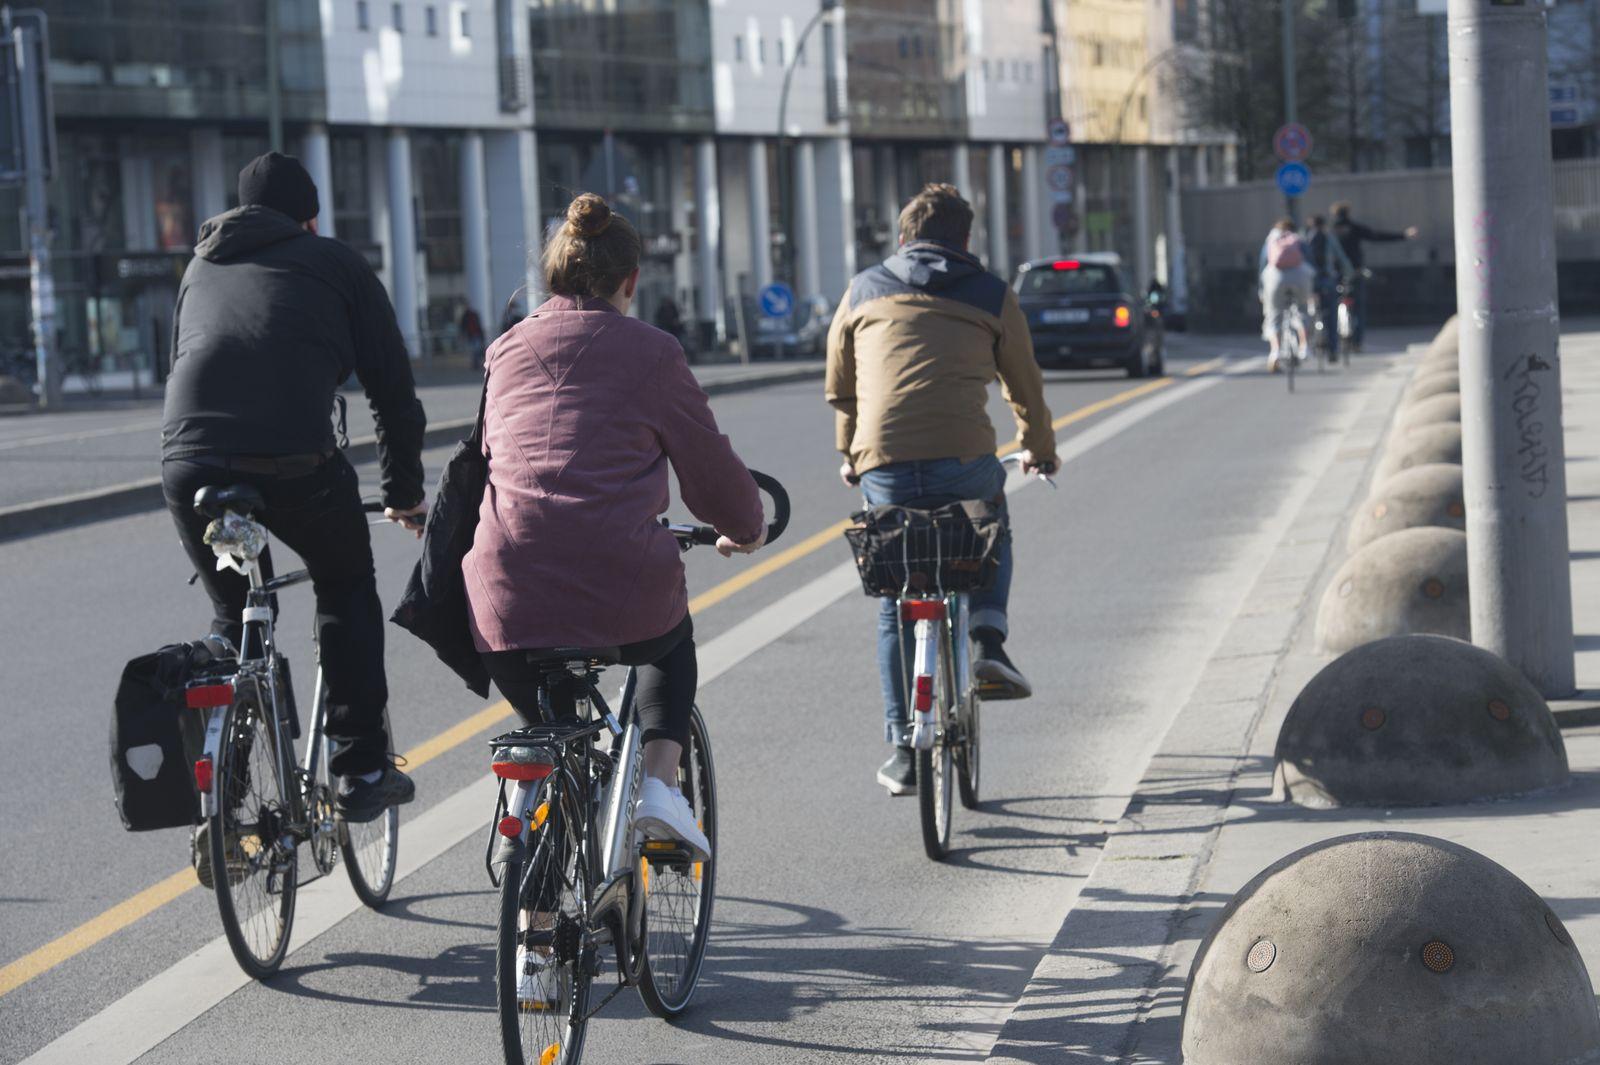 Radfahrer fahren am Straßenrand